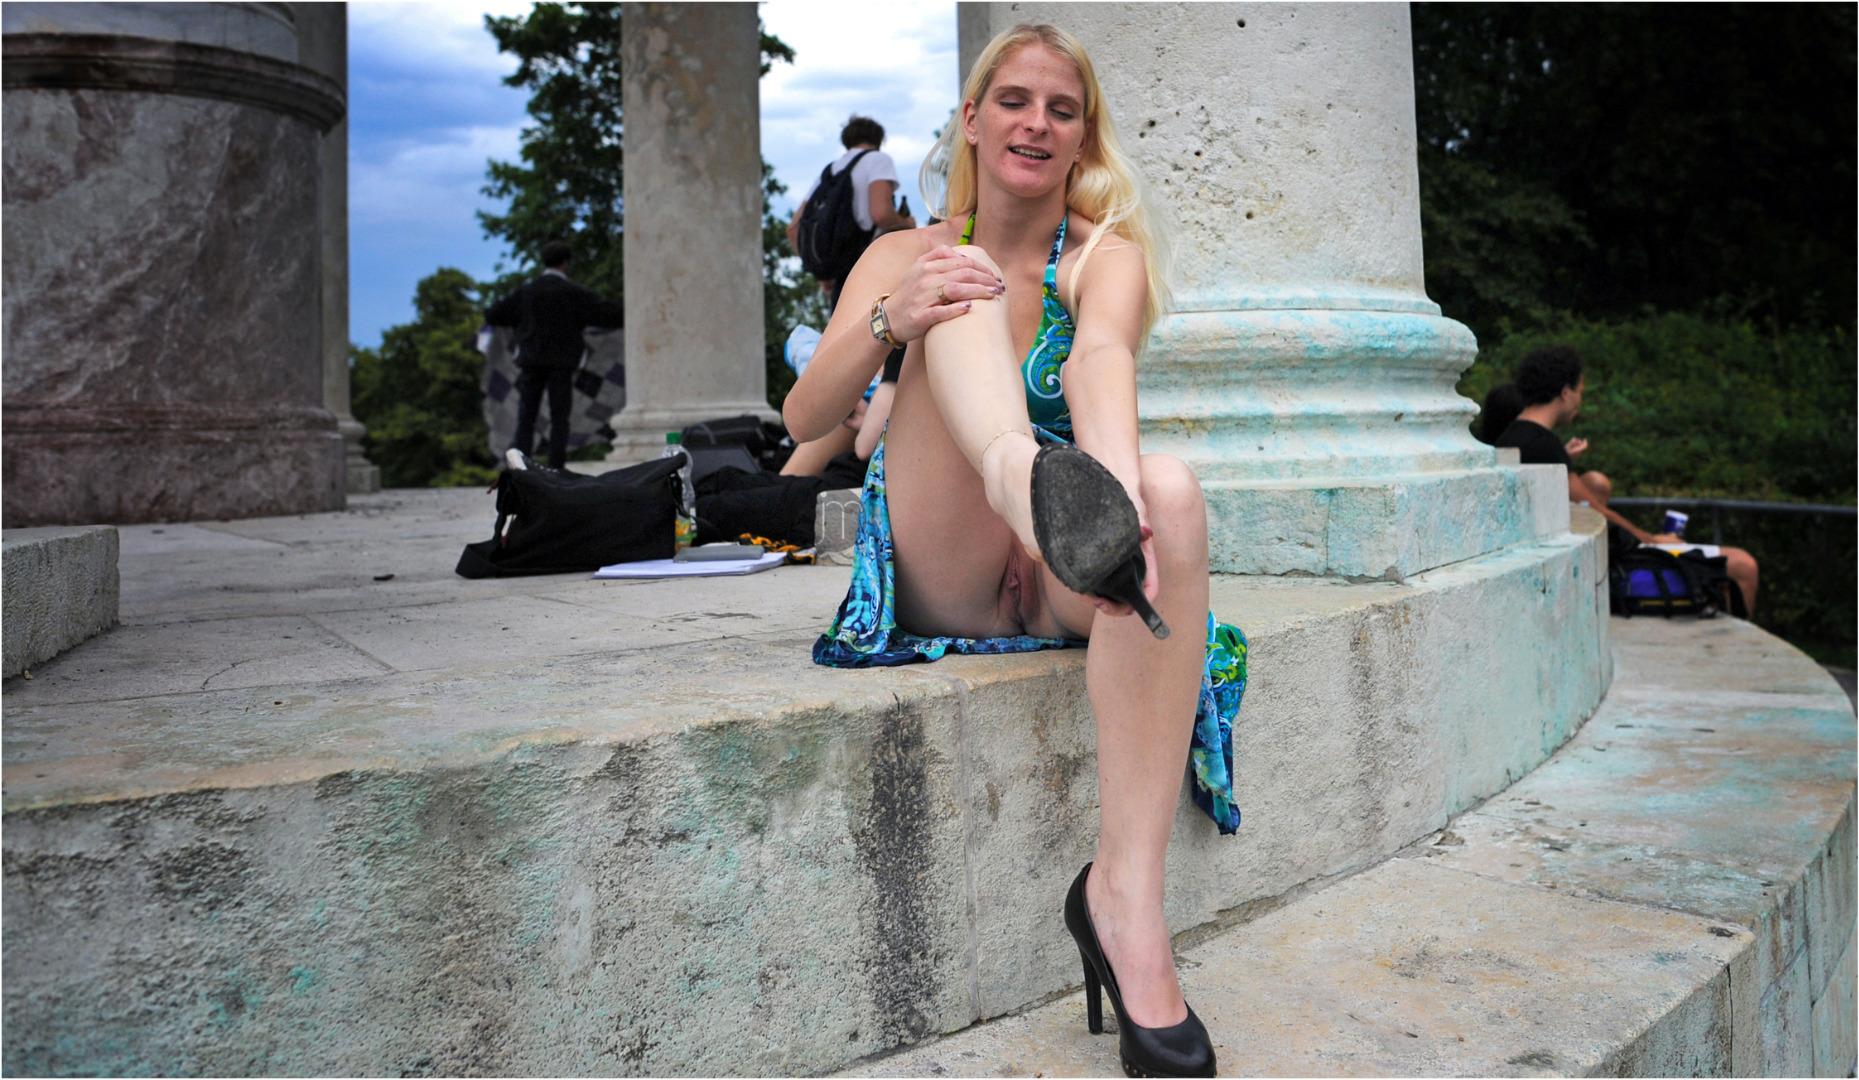 feminization sissy crossdressing porn tube video #blonde #public #flashing #pussy #white #legs #shoes #fetish #flashingpublic #shaved